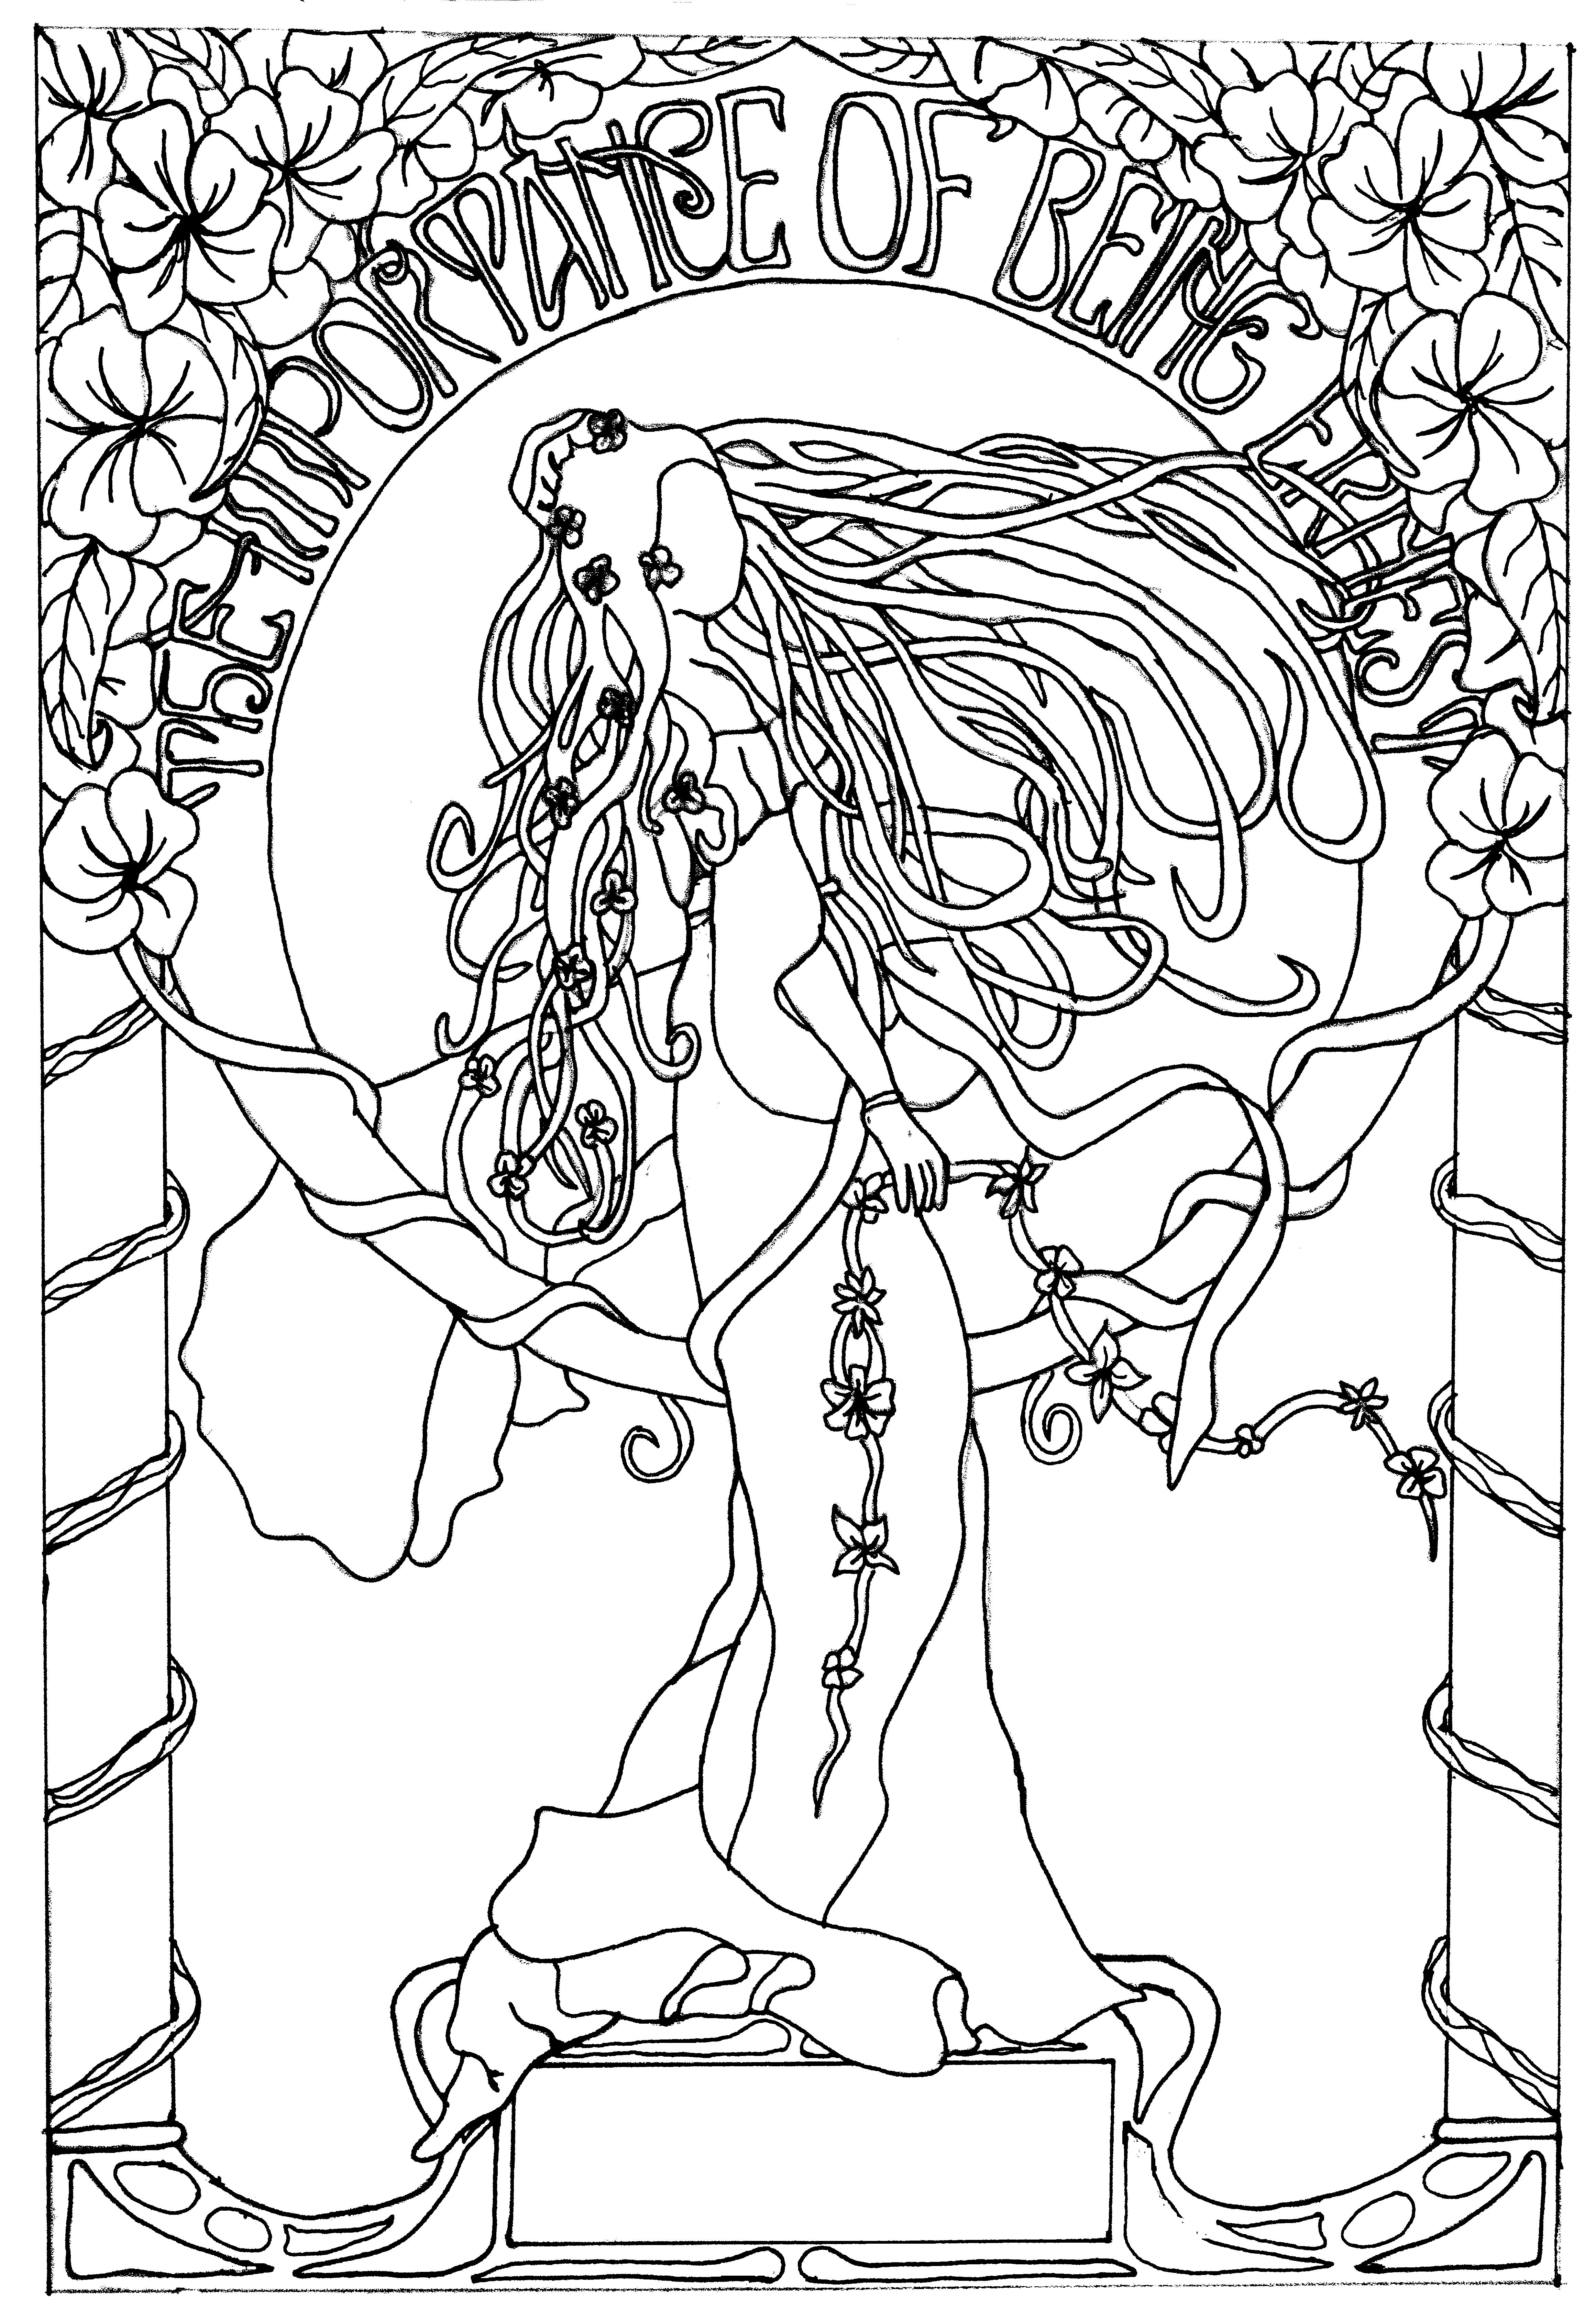 Disegni da colorare per adulti : Art nouveau - 3